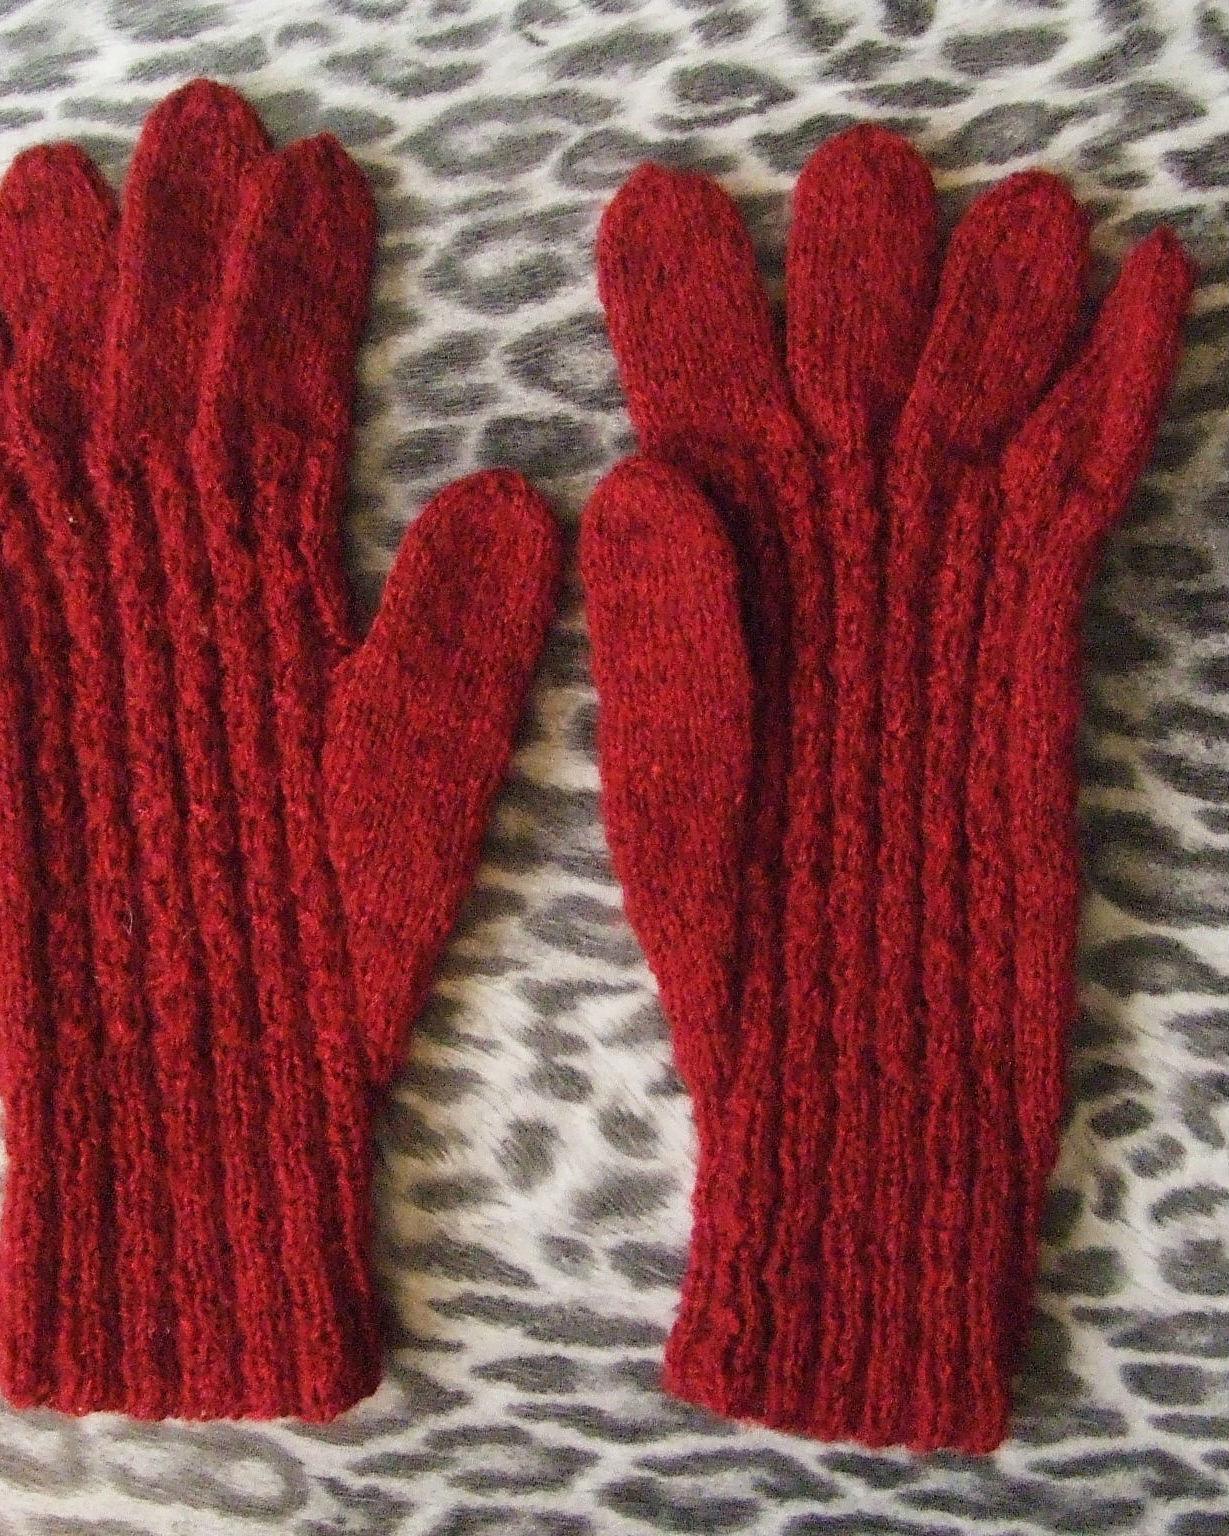 gants en laine grenat quiche lorraine vintage. Black Bedroom Furniture Sets. Home Design Ideas